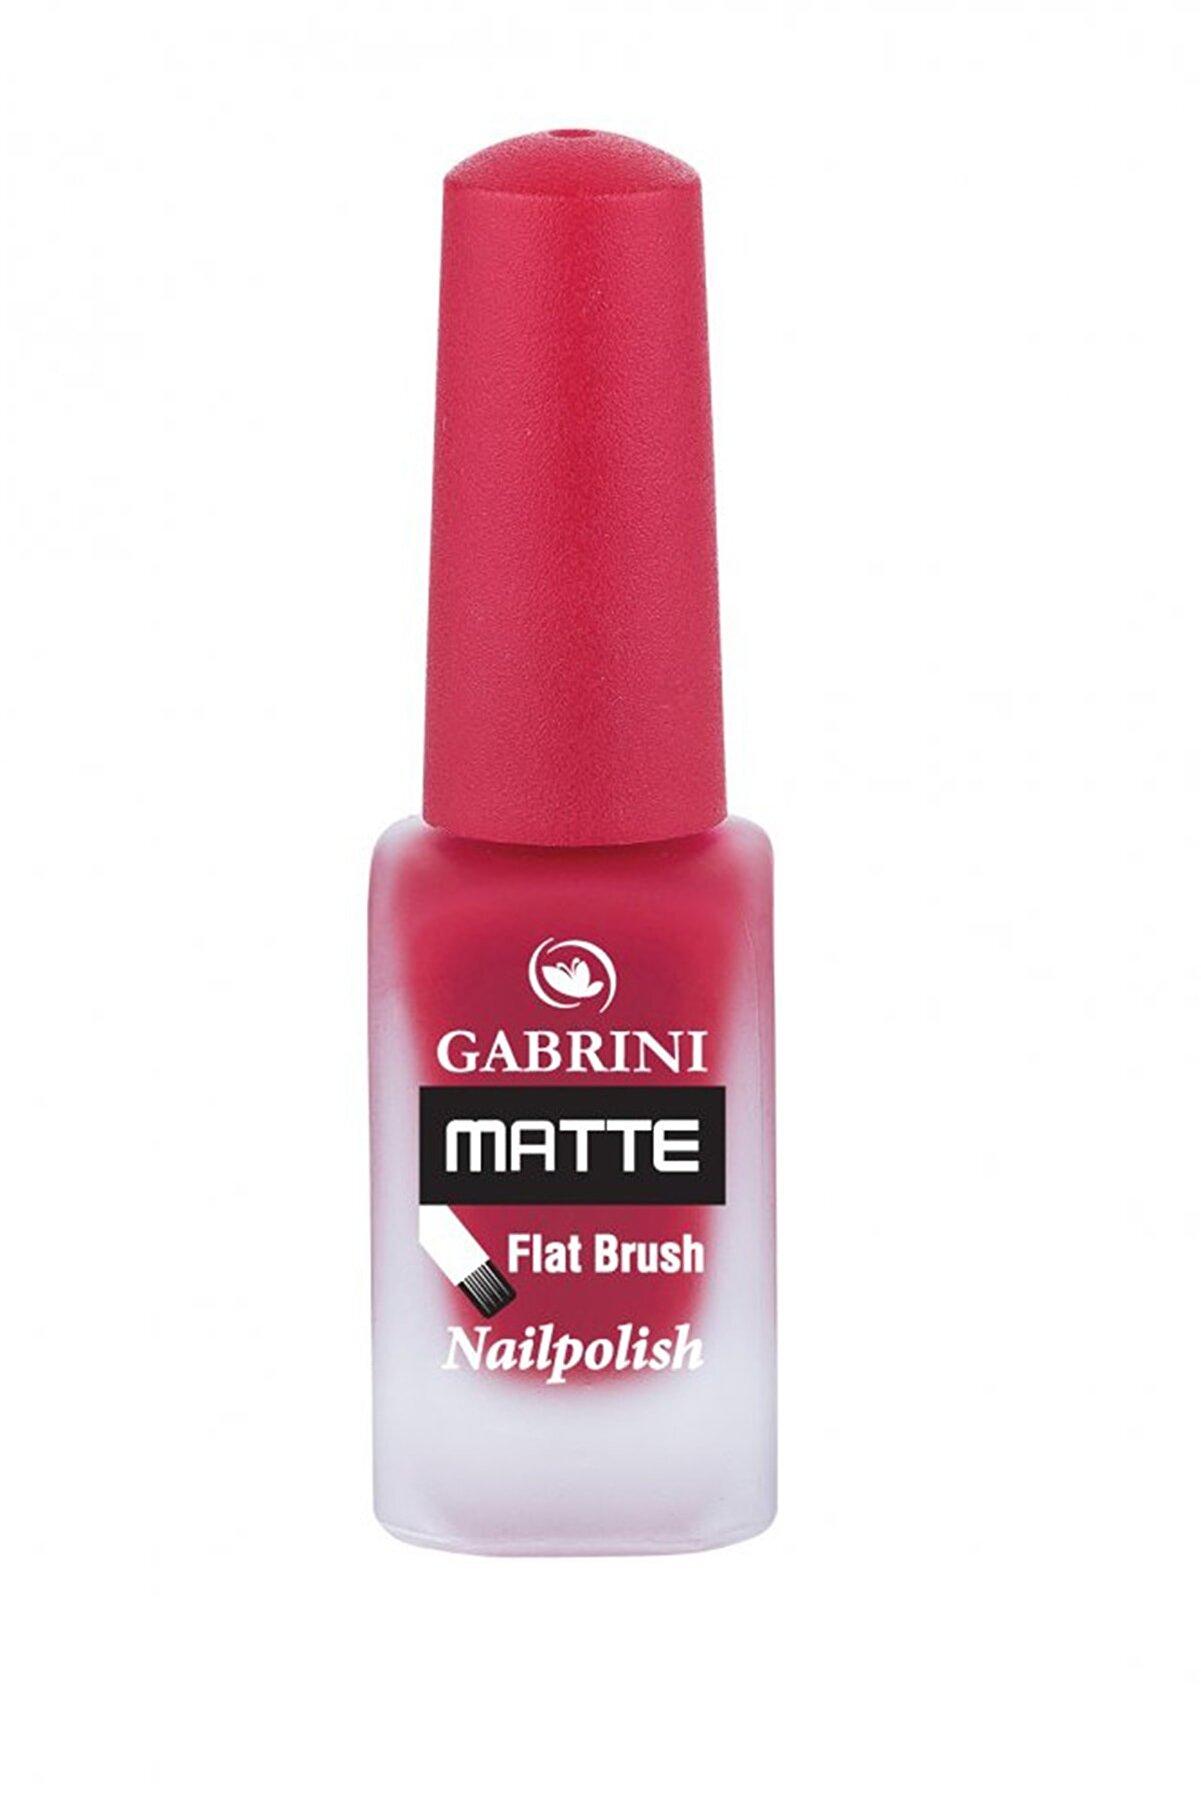 Gabrini 03 Gabrini Matte Flat Brush Nailpolish (13ml )